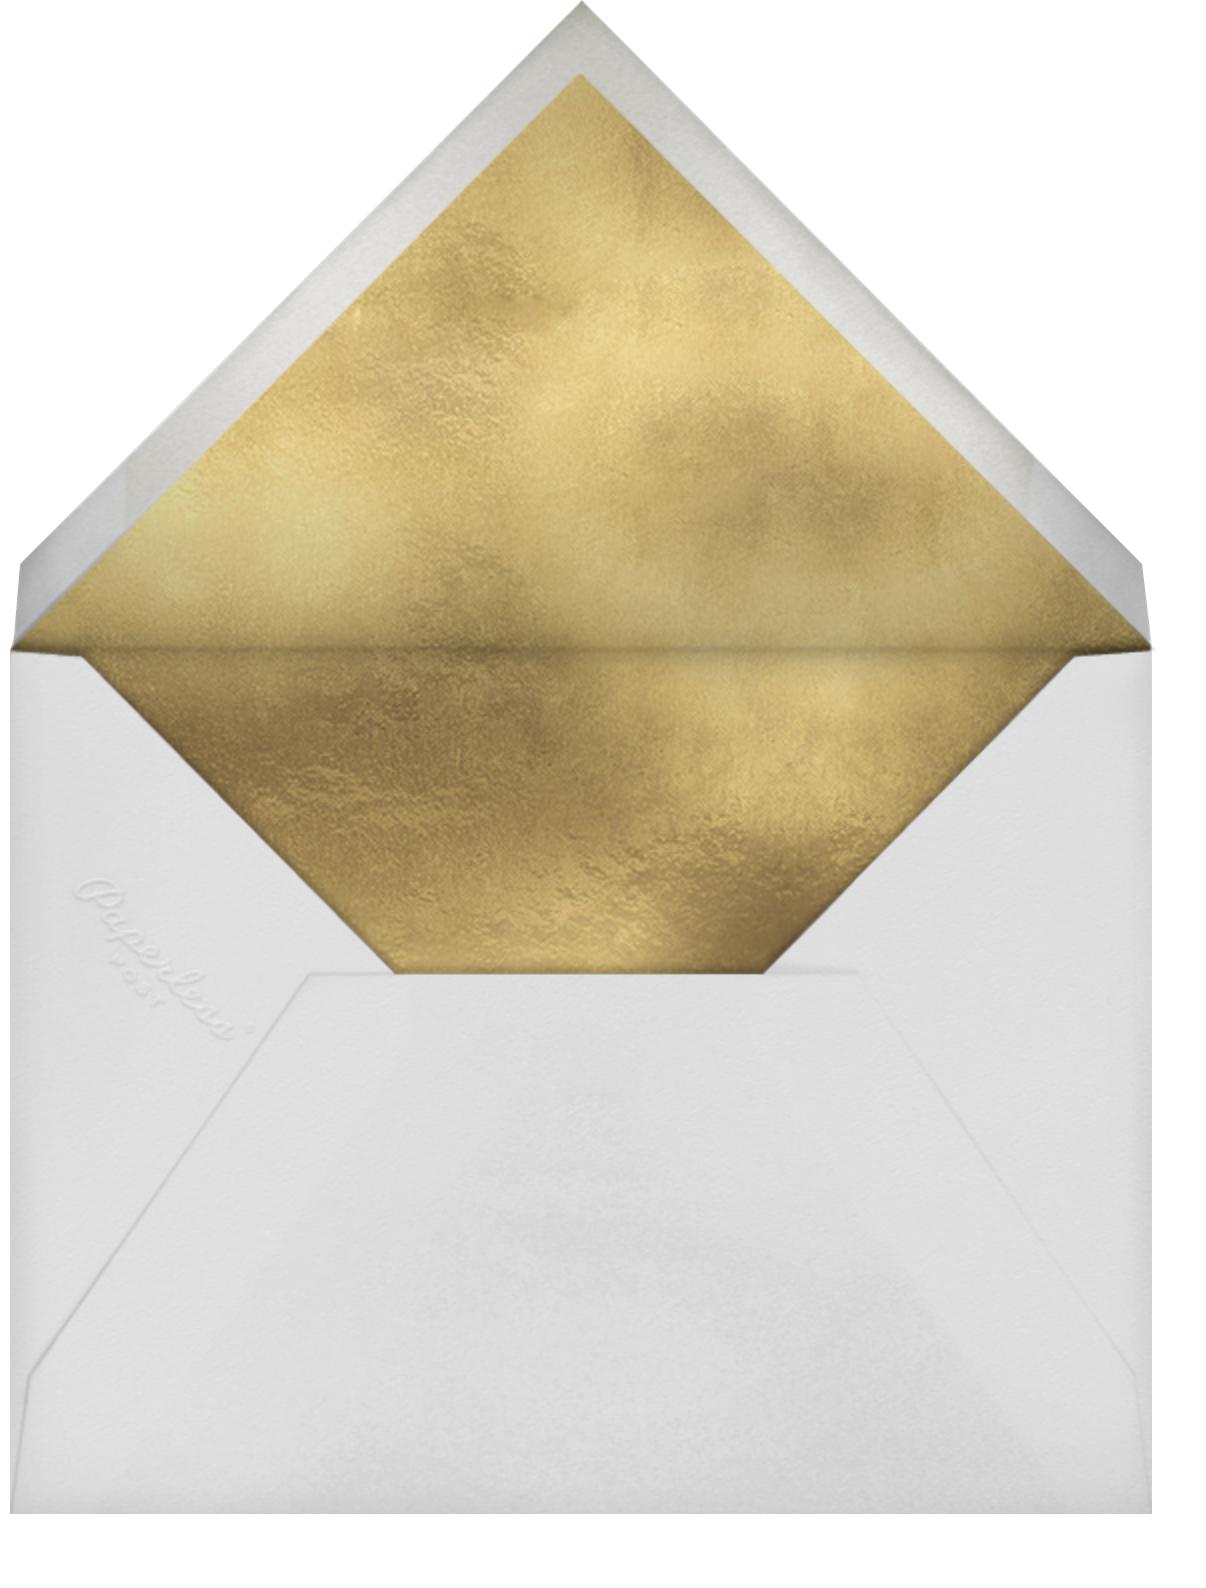 Lanai Floral (Save the Date) - kate spade new york - Envelope